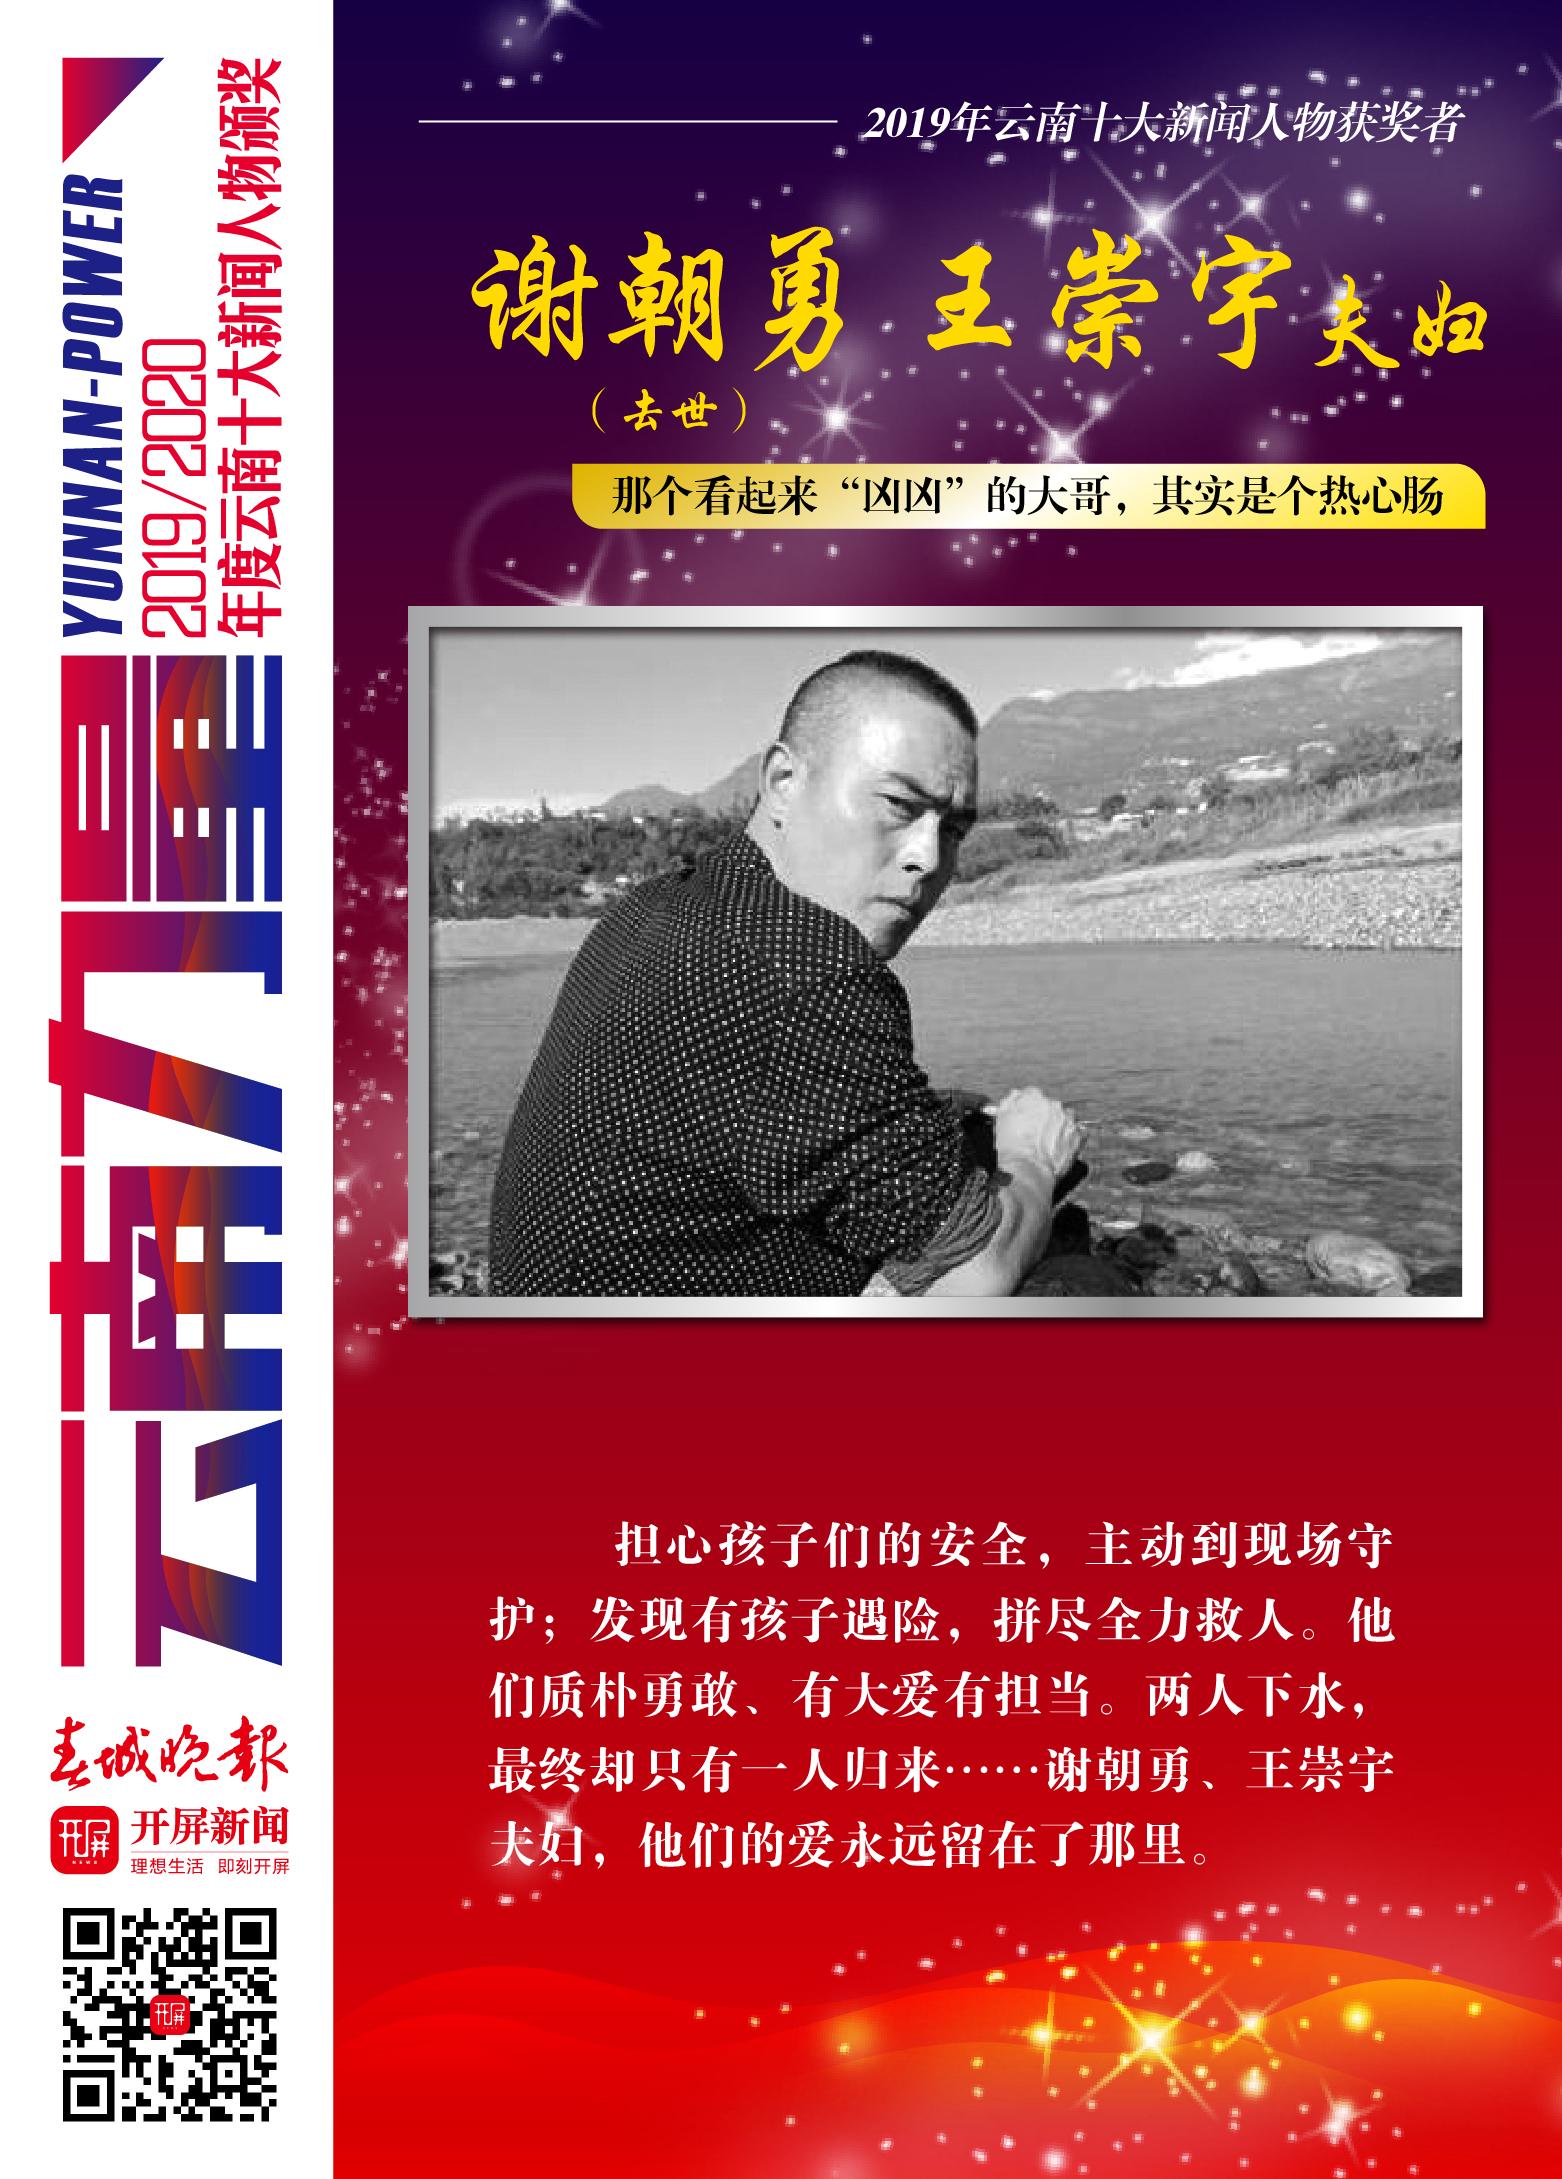 新闻人_谢朝勇 王崇宇.jpg